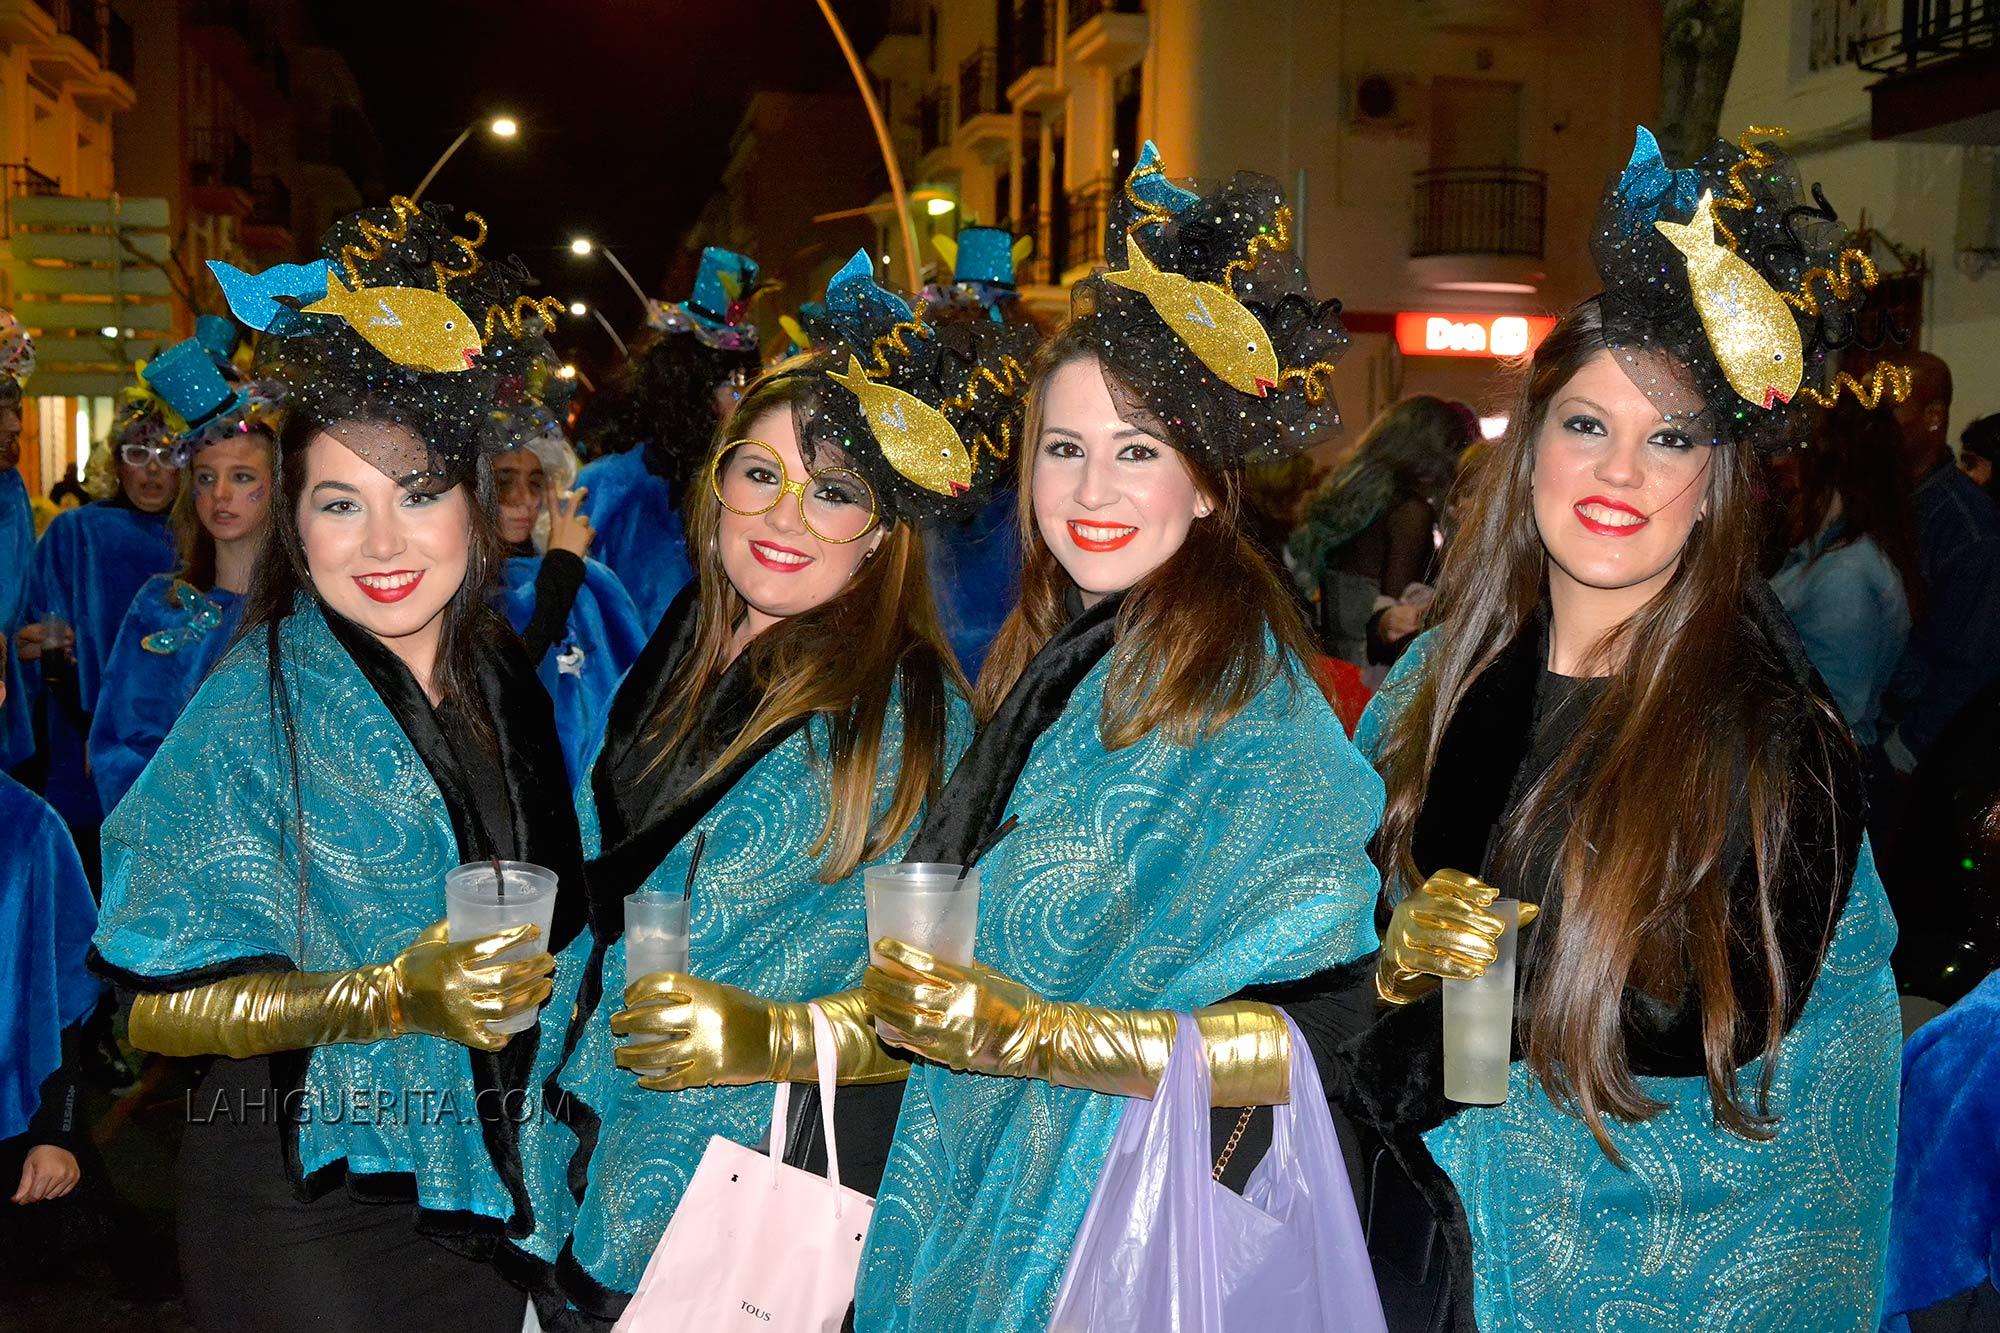 Entierro de la sardina carnaval isla cristina _DSC2276